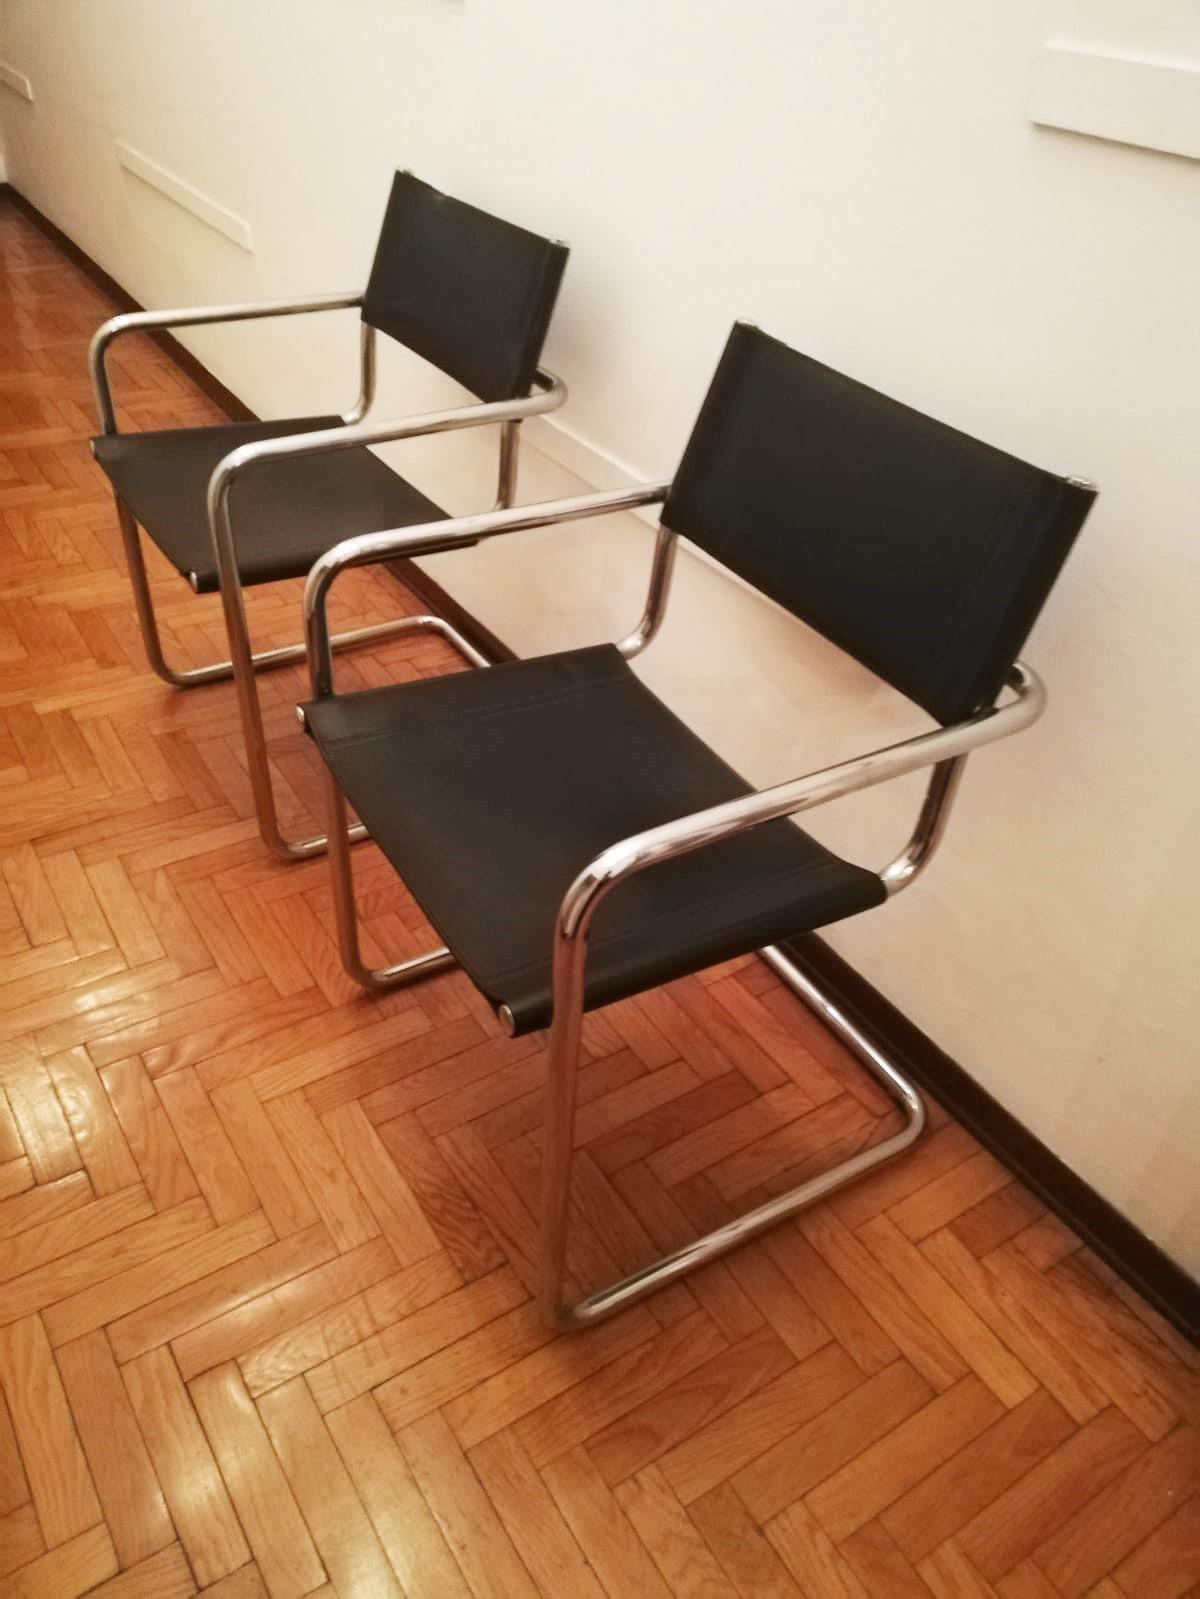 a91-mart-stam-chairs-grassi-matteo-sedie